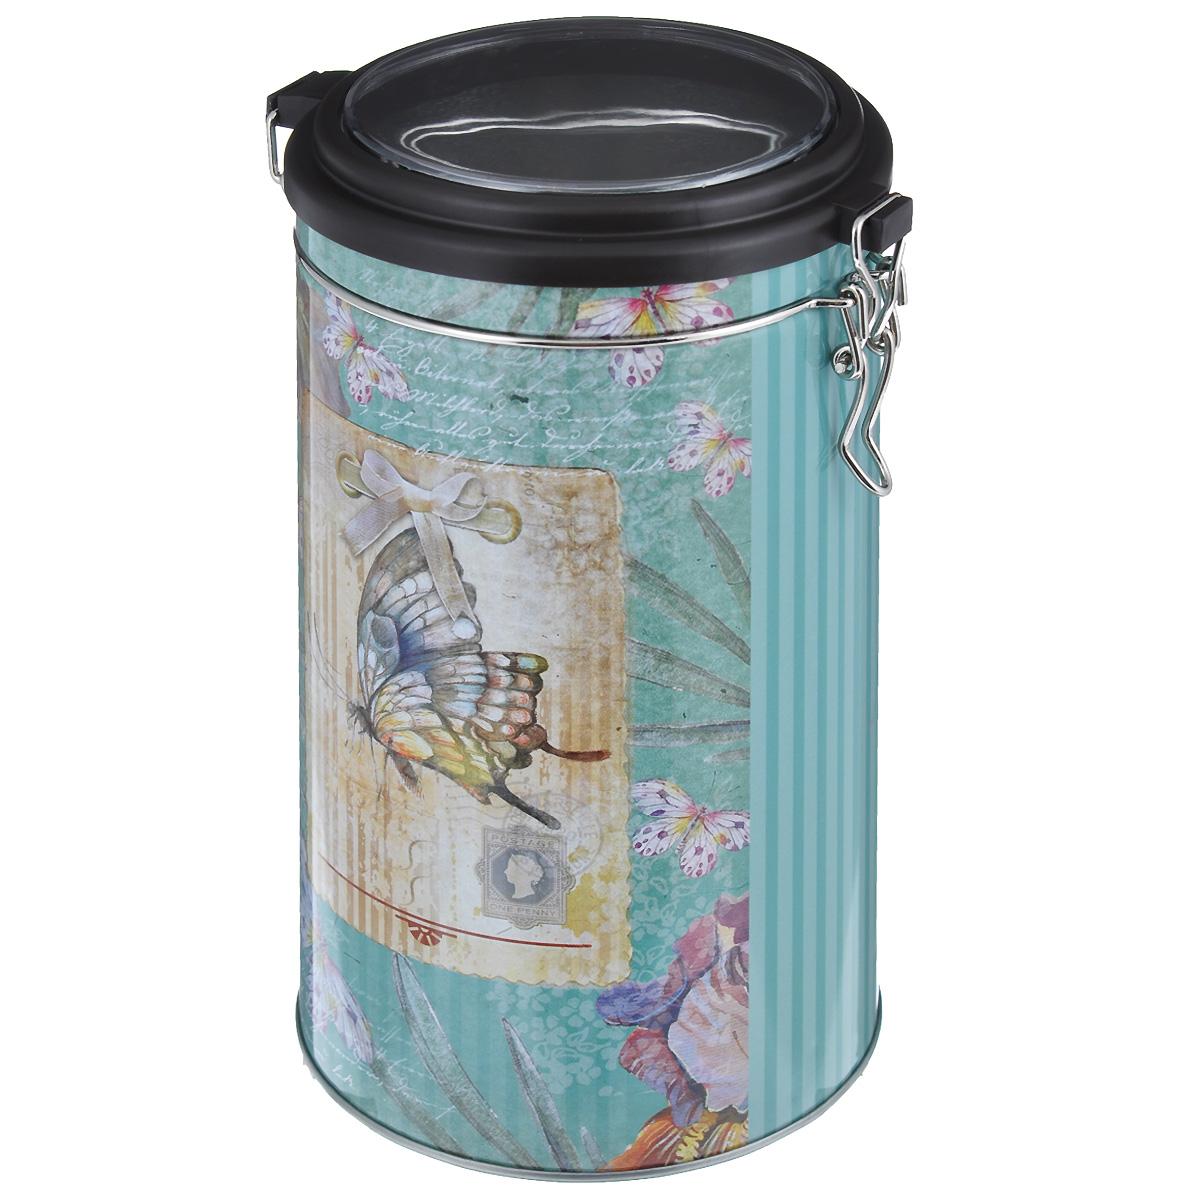 Банка для сыпучих продуктов Феникс-презент Бабочка, 1,8 л79 02471Банка для сыпучих продуктов Феникс-презент Бабочка, изготовленная из окрашенного черного металла, оформлена ярким рисунком. Банка прекрасно подойдет для хранения различных сыпучих продуктов: специй, чая, кофе, сахара, круп и многого другого. Емкость плотно закрывается прозрачной пластиковой крышкой на металлический замок. Благодаря этому она будет дольше сохранять свежесть ваших продуктов.Функциональная и вместительная, такая банка станет незаменимым аксессуаром на любой кухне. Нельзя мыть в посудомоечной машине.Объем банки: 1,8 л.Высота банки (без учета крышки): 17,4 см. Диаметр банки (по верхнему краю): 10,5 см.